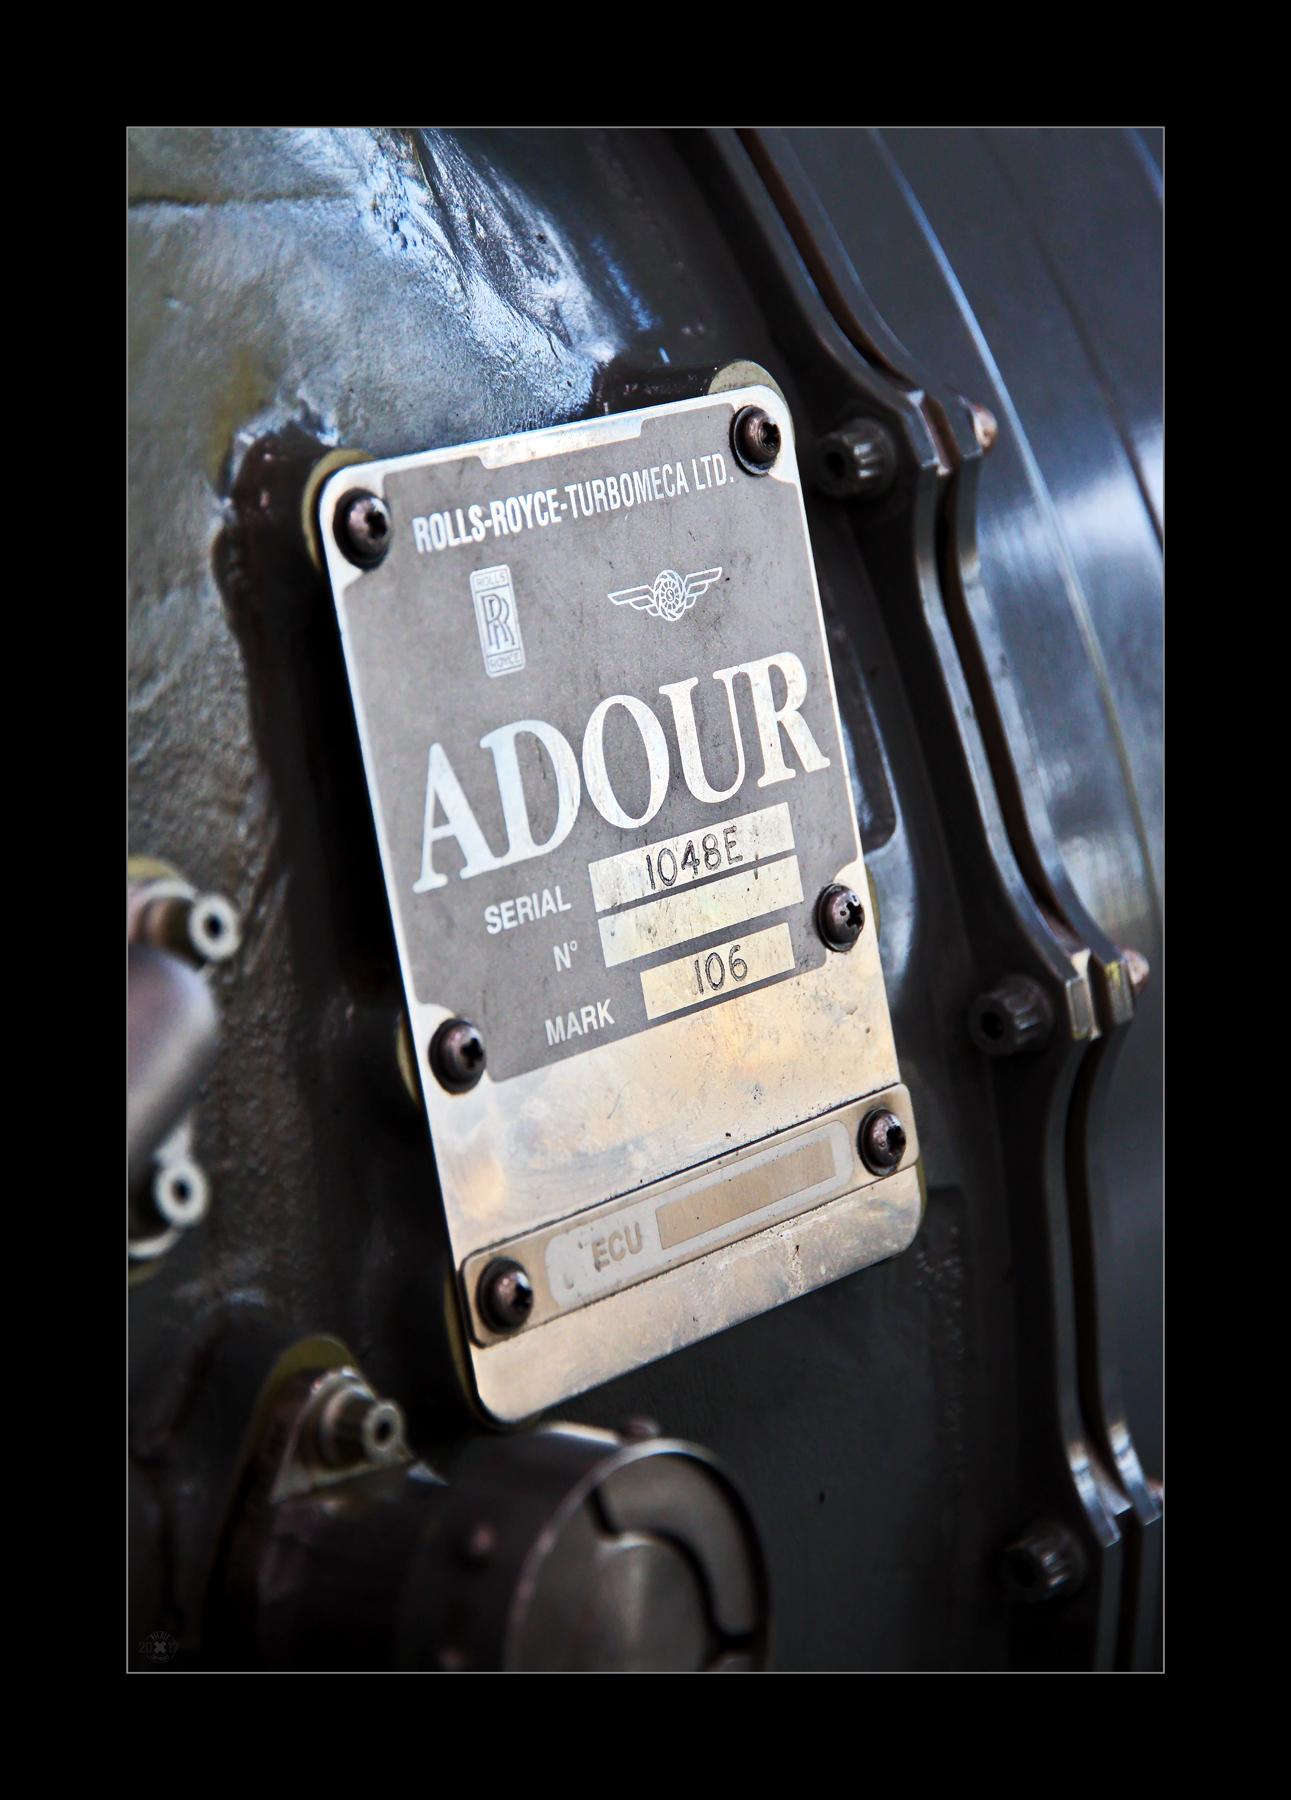 Das RR Adour wurde hauptsächlich für den SEPECAT Jaguar entwickelt.